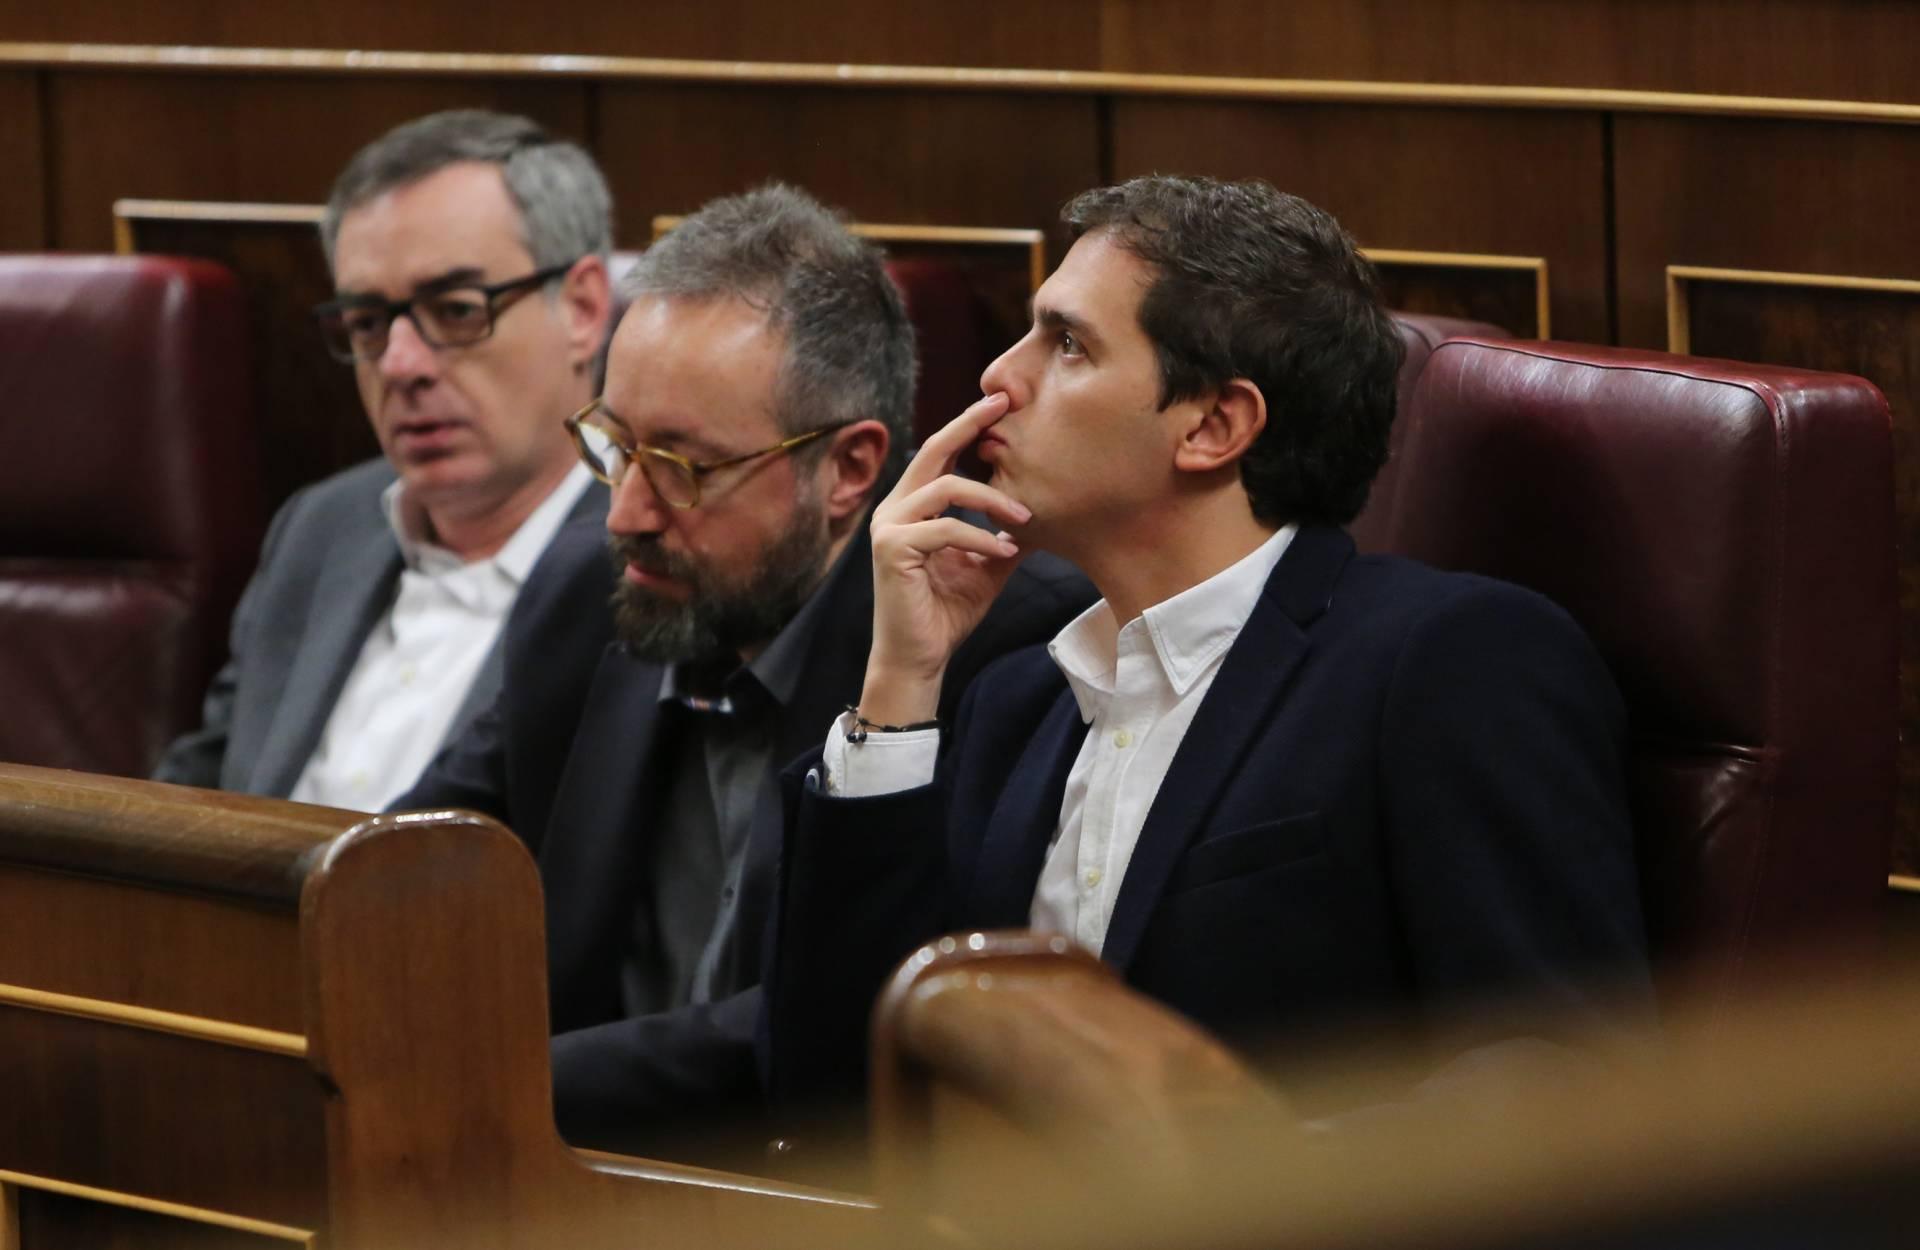 El presidente de Ciudadanos, Albert Rivera, junto a otros miembros de su grupo parlamentario en el Congreso de los Diputados.